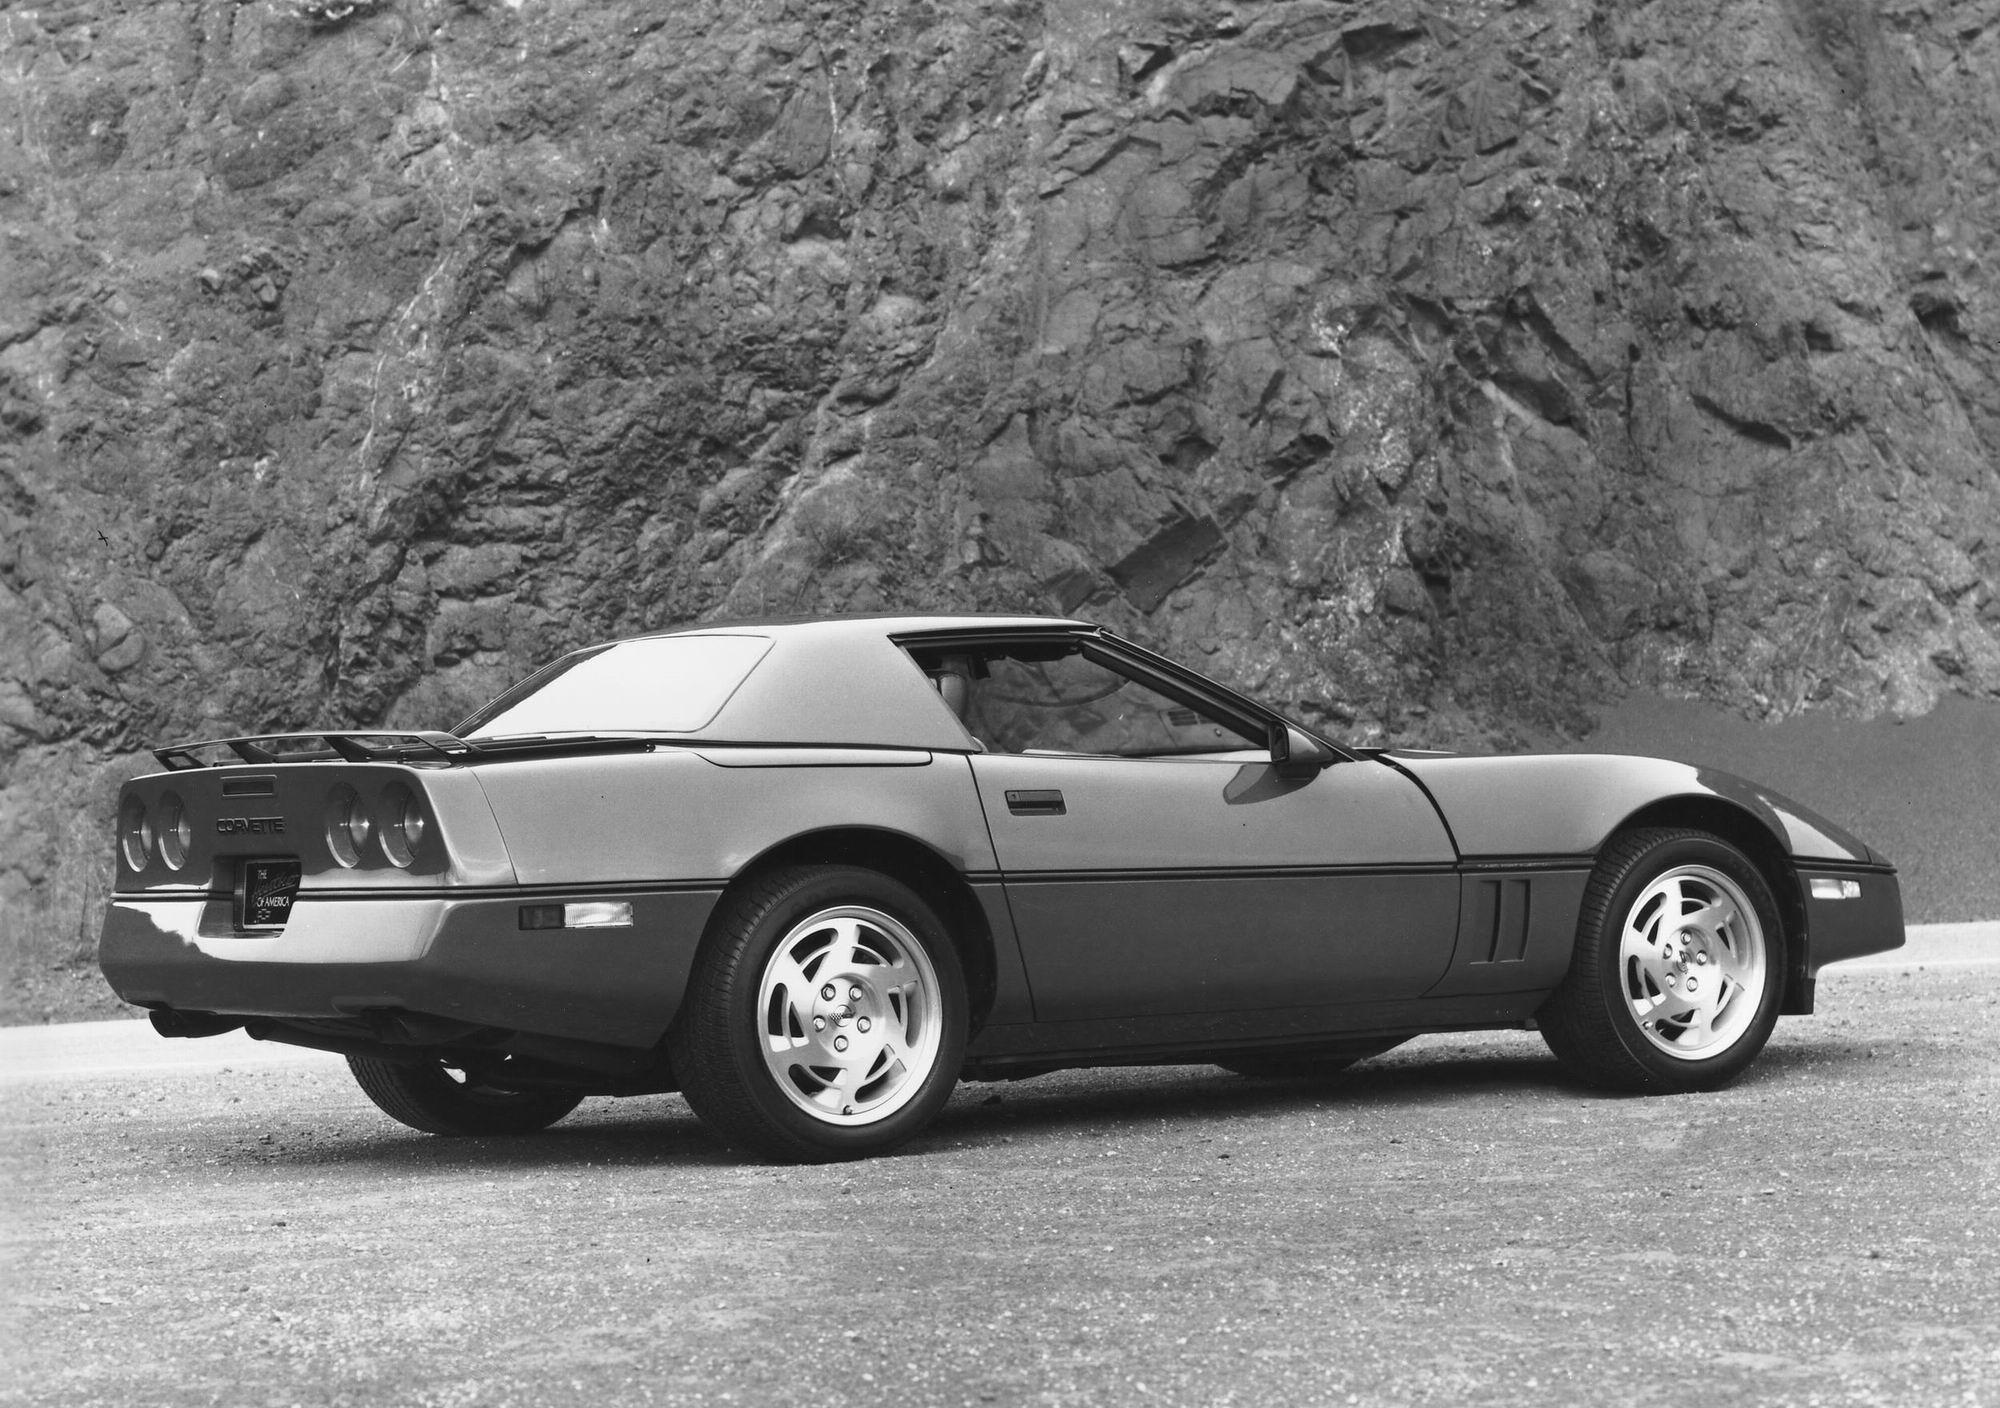 1983 Chevrolet Corvette C4 Meilensteine